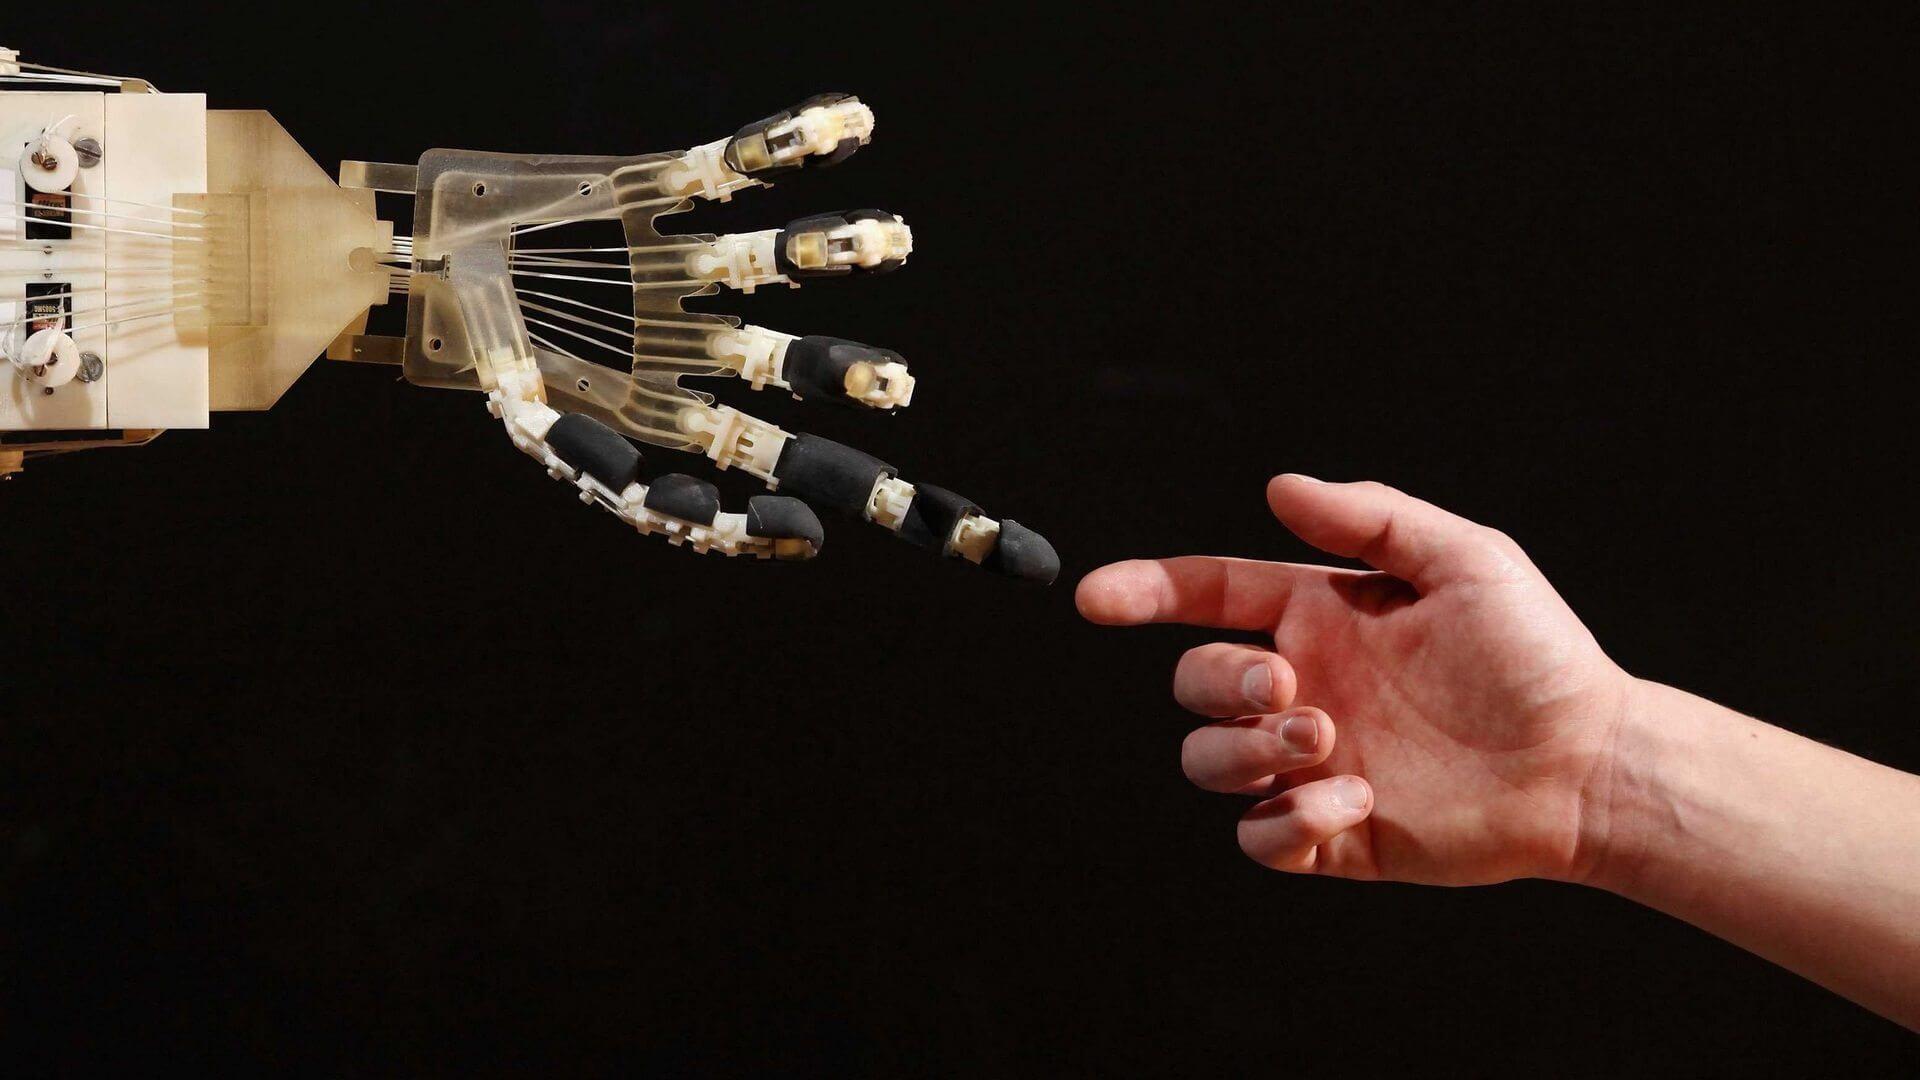 smt Inteligencia Artificial capa - Inteligência Artificial: Vídeo faz paralelo entre o mito bíblico e a evolução da tecnologia